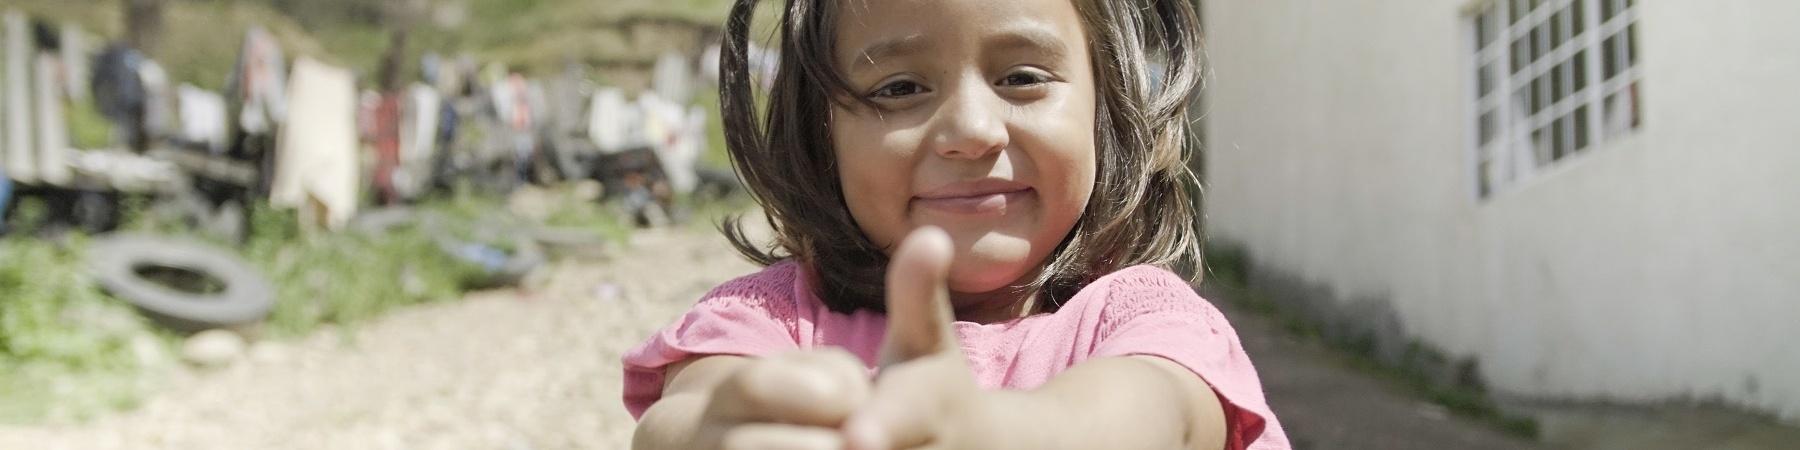 Una bambina messicana con codini e maglietta rosa mostra come ha imparato a lavarsi le mani.